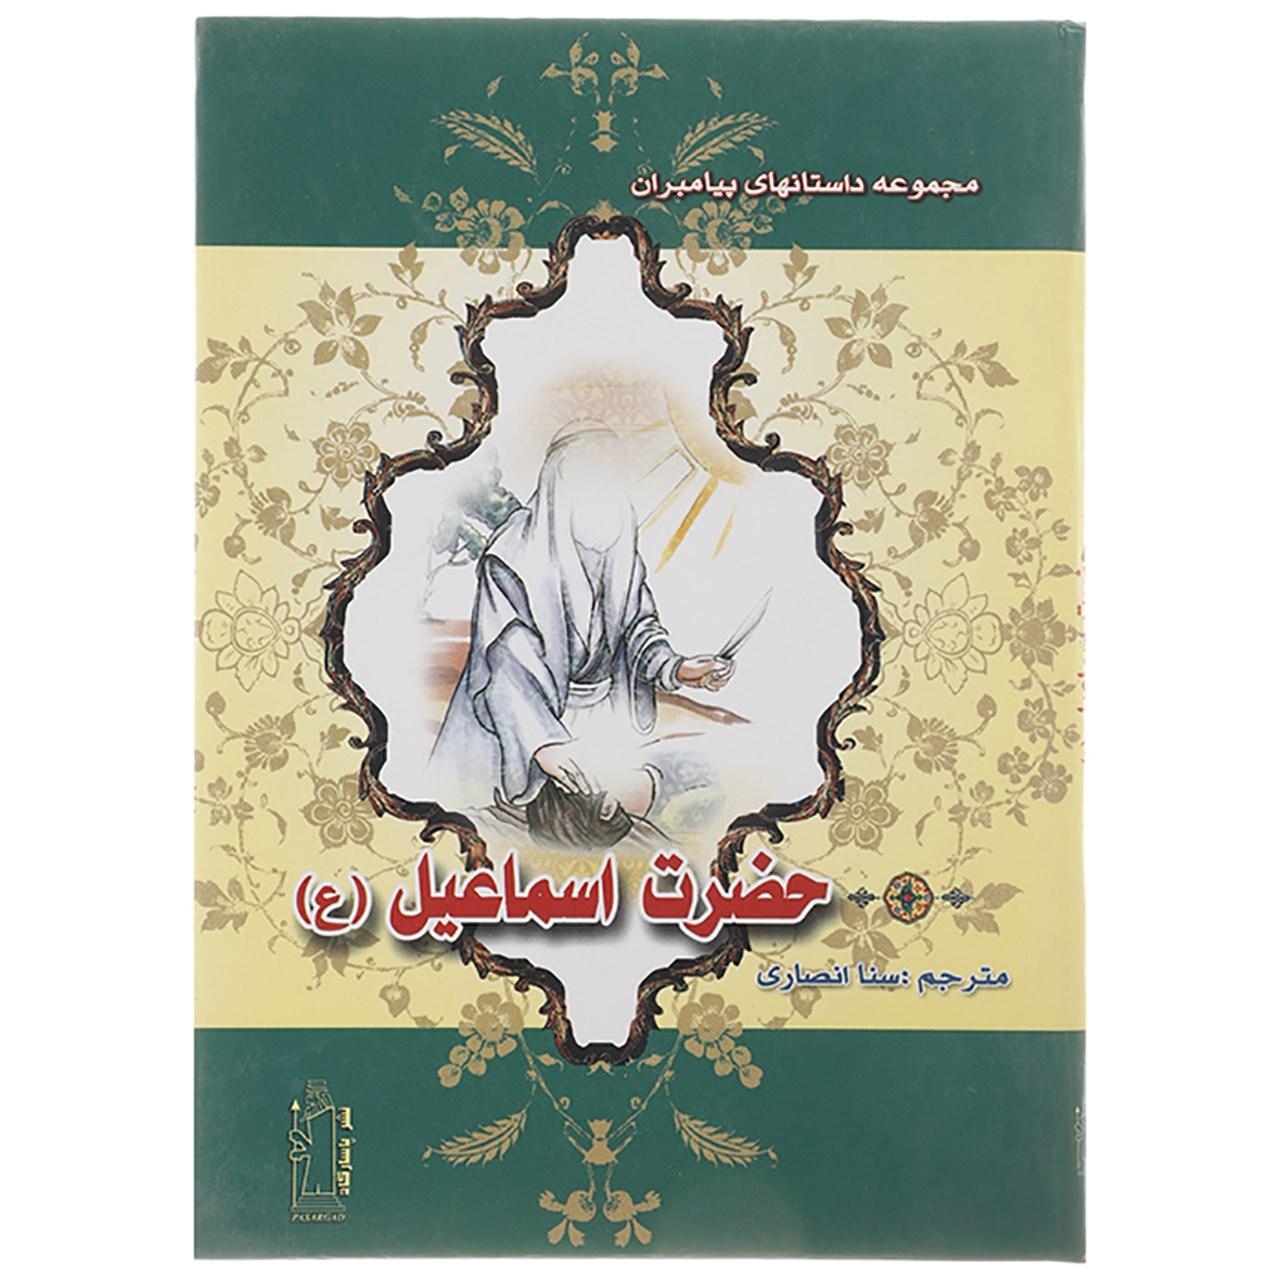 خرید                      کتاب حضرت اسماعیل (ع) اثر نضال علی